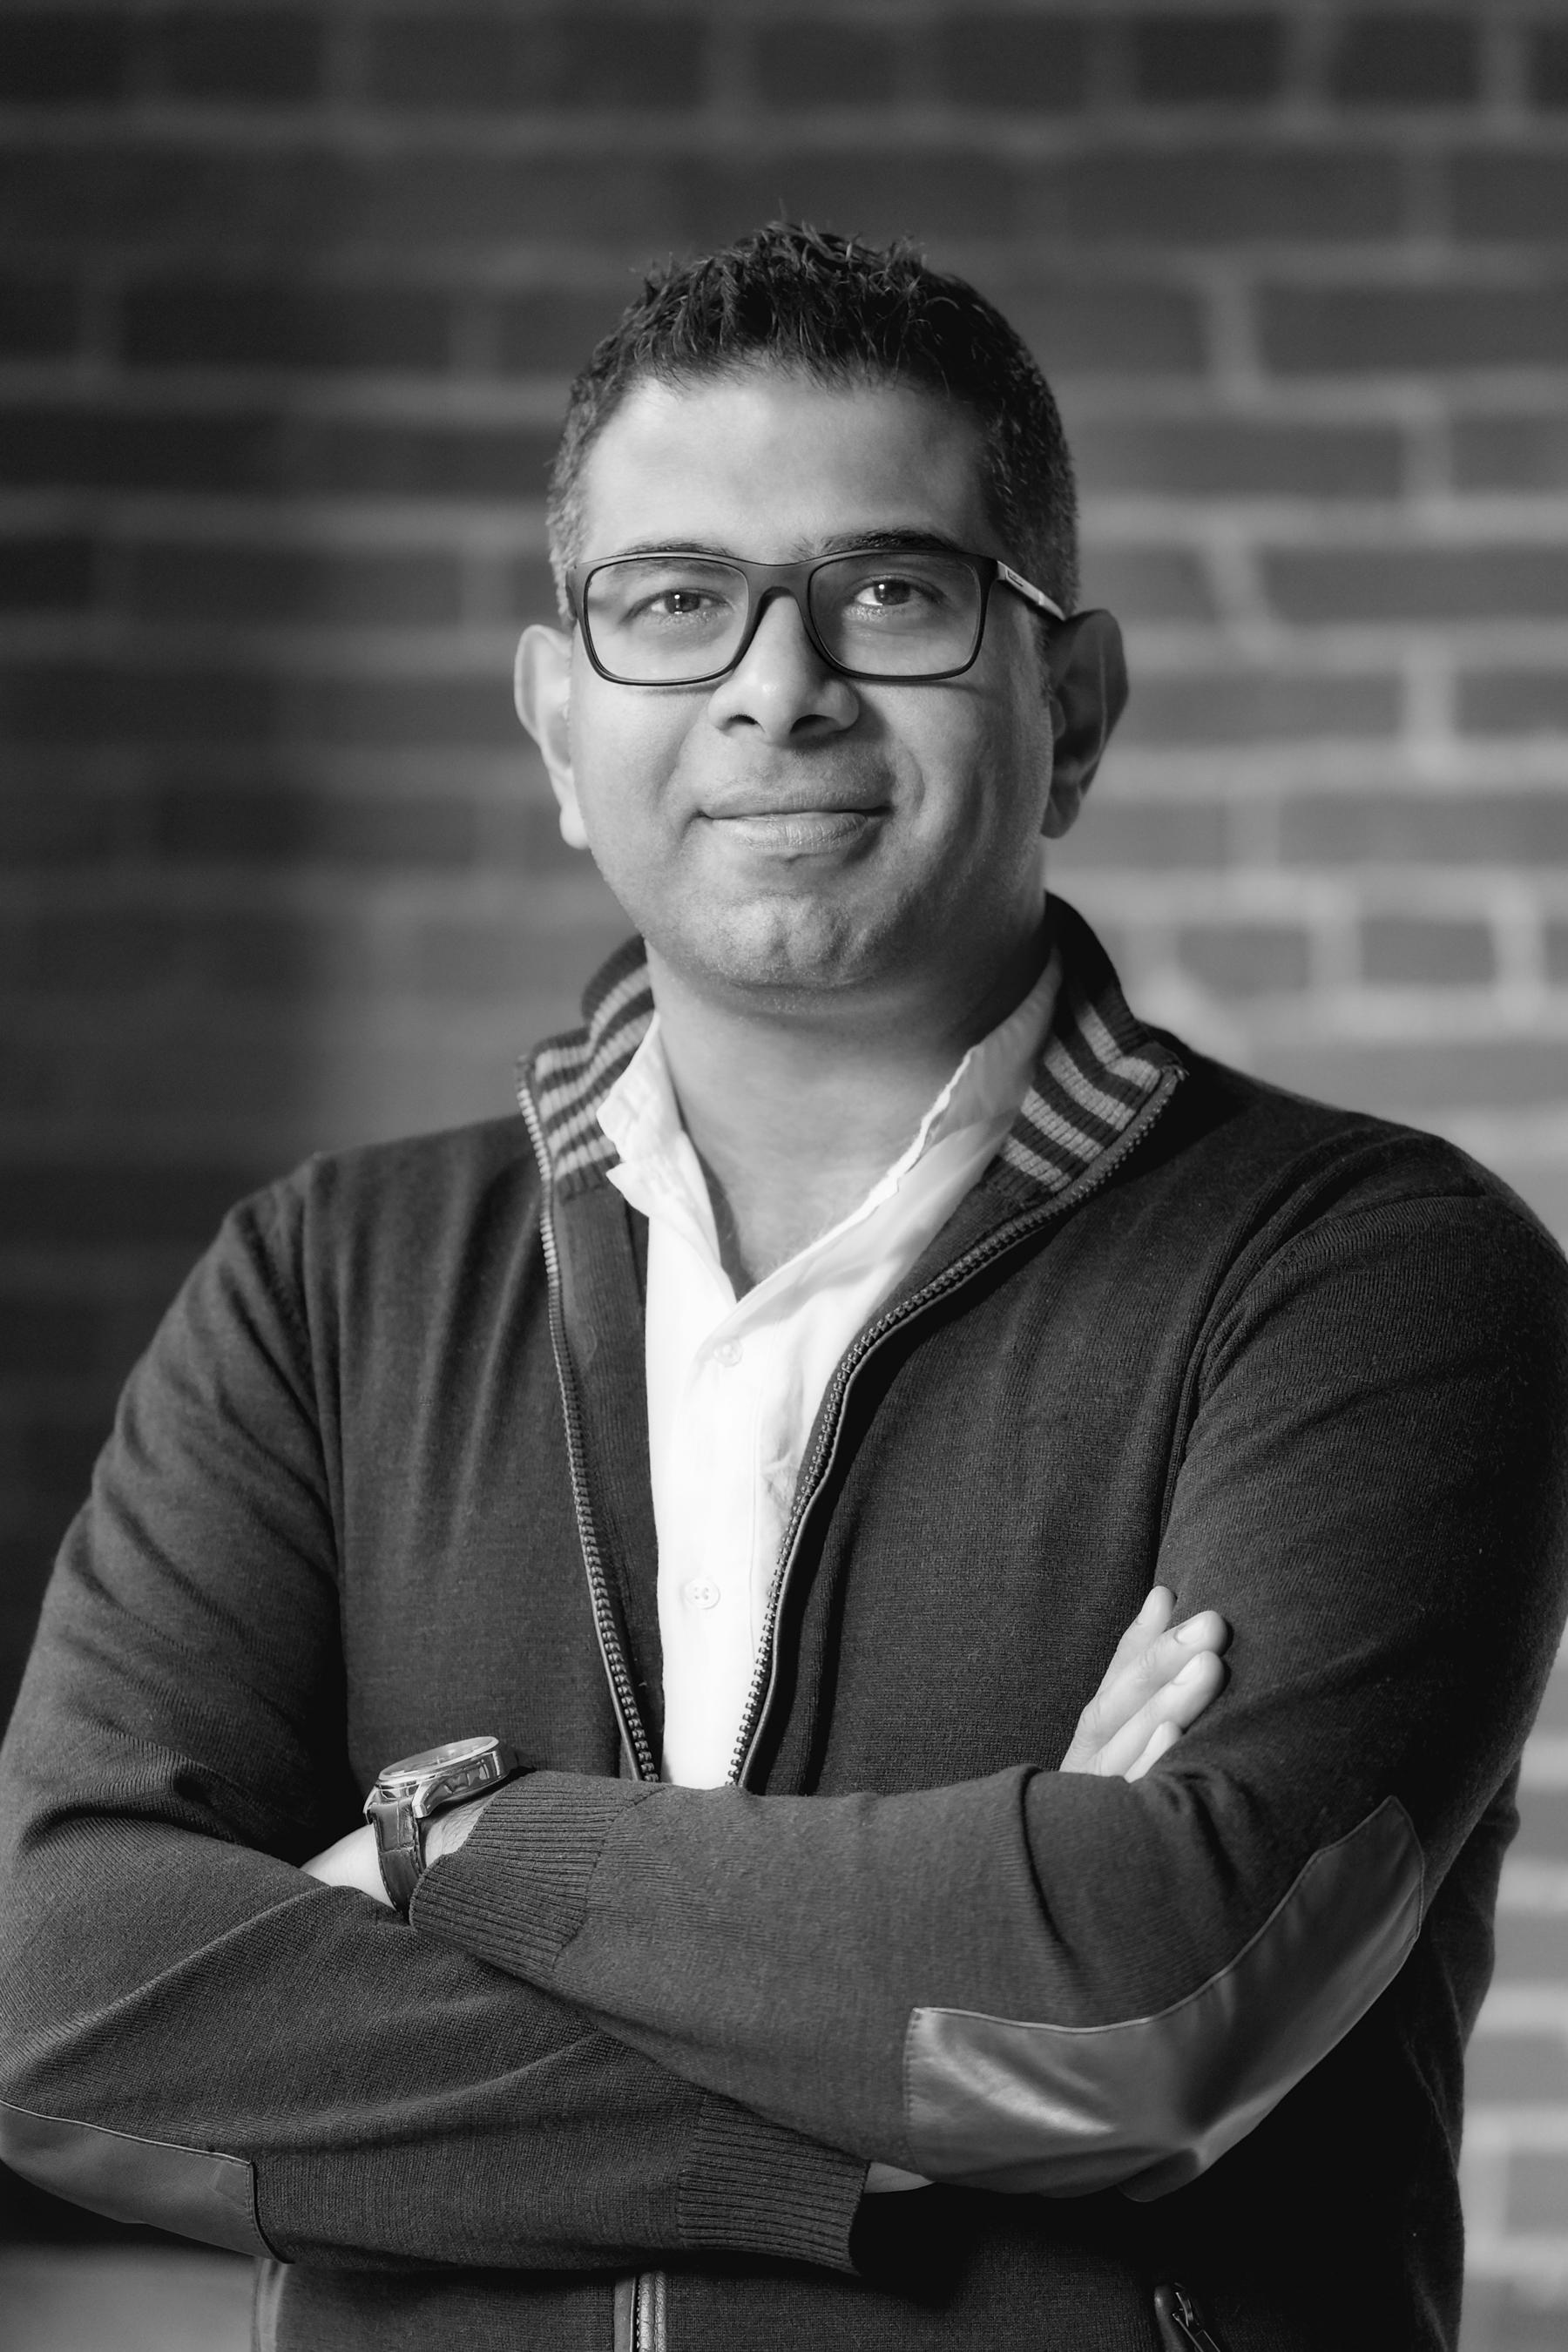 KrishnaSrinivasan-DataCloud-MiningIndustry-MinePortal-DataAnalytics-DrillData-MWD